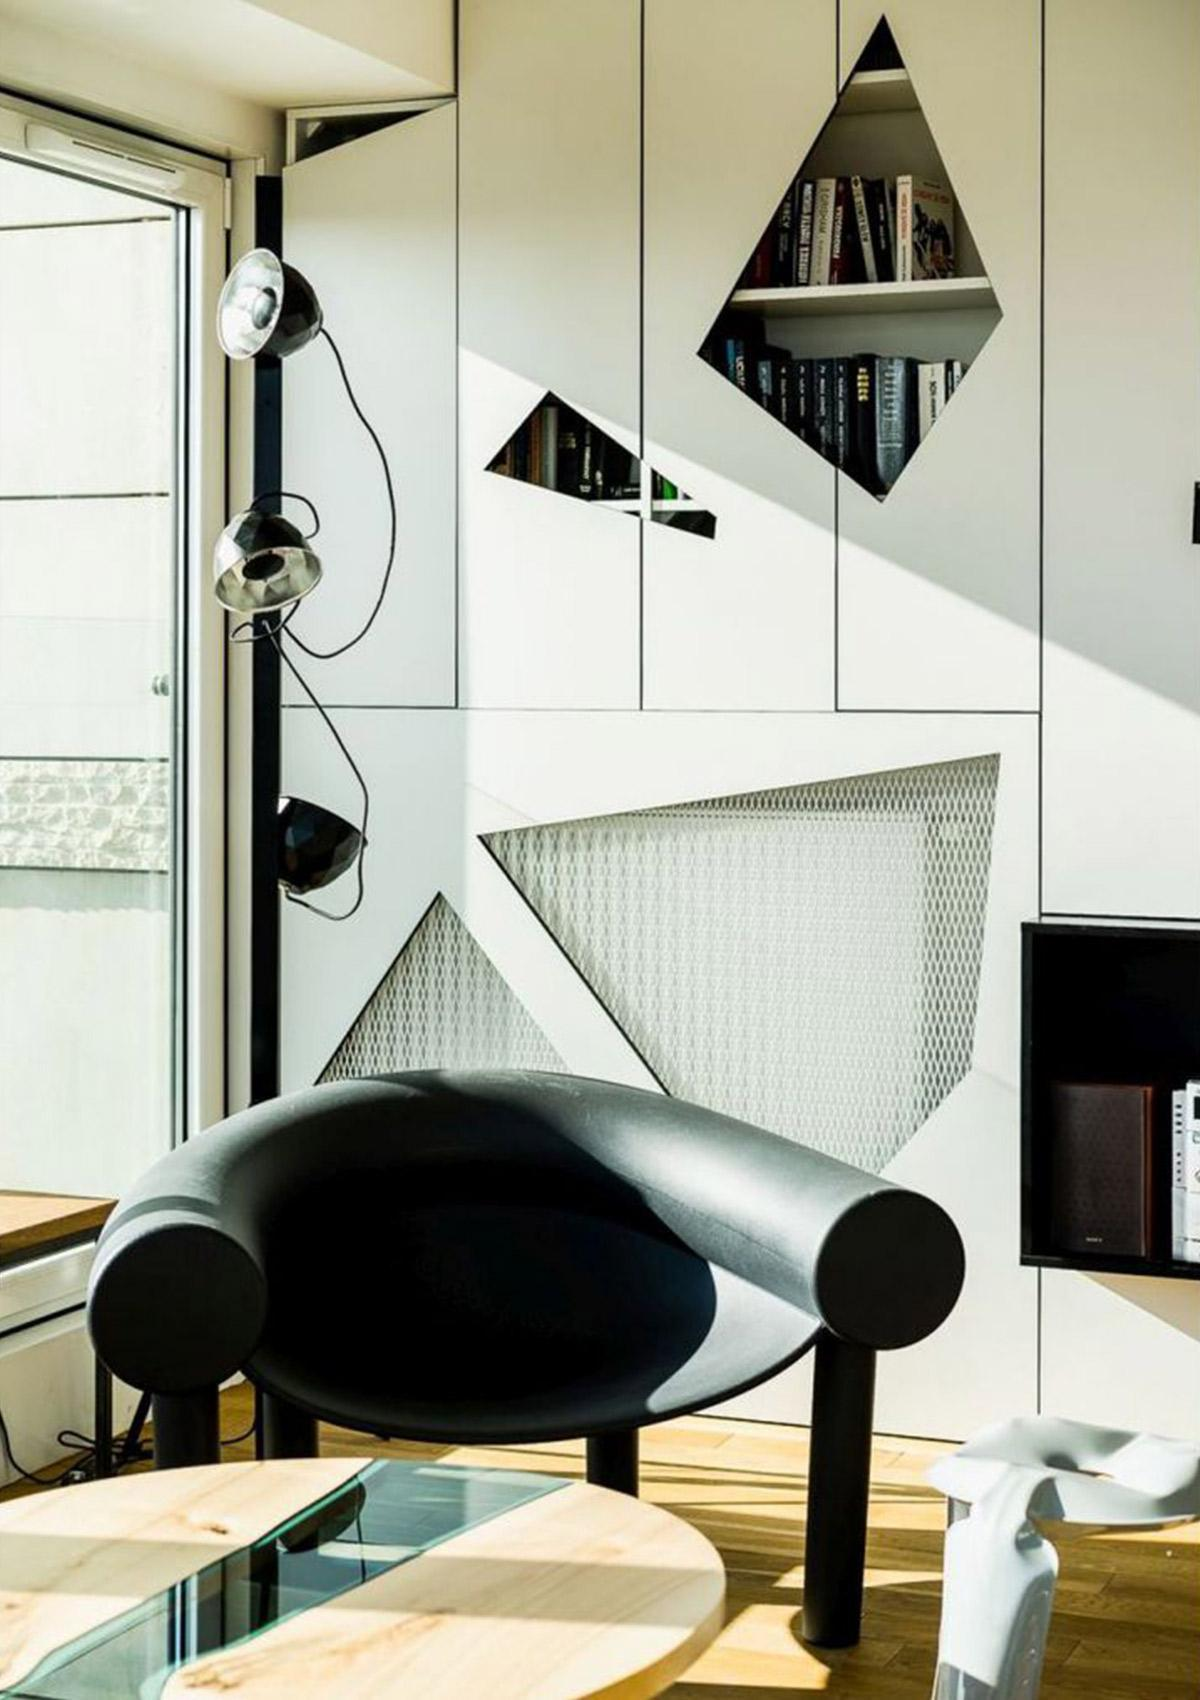 Thiết kế nội thất căn hộ Penthouse với những mảng hình học bất đối xứng cực kỳ lạ mắt